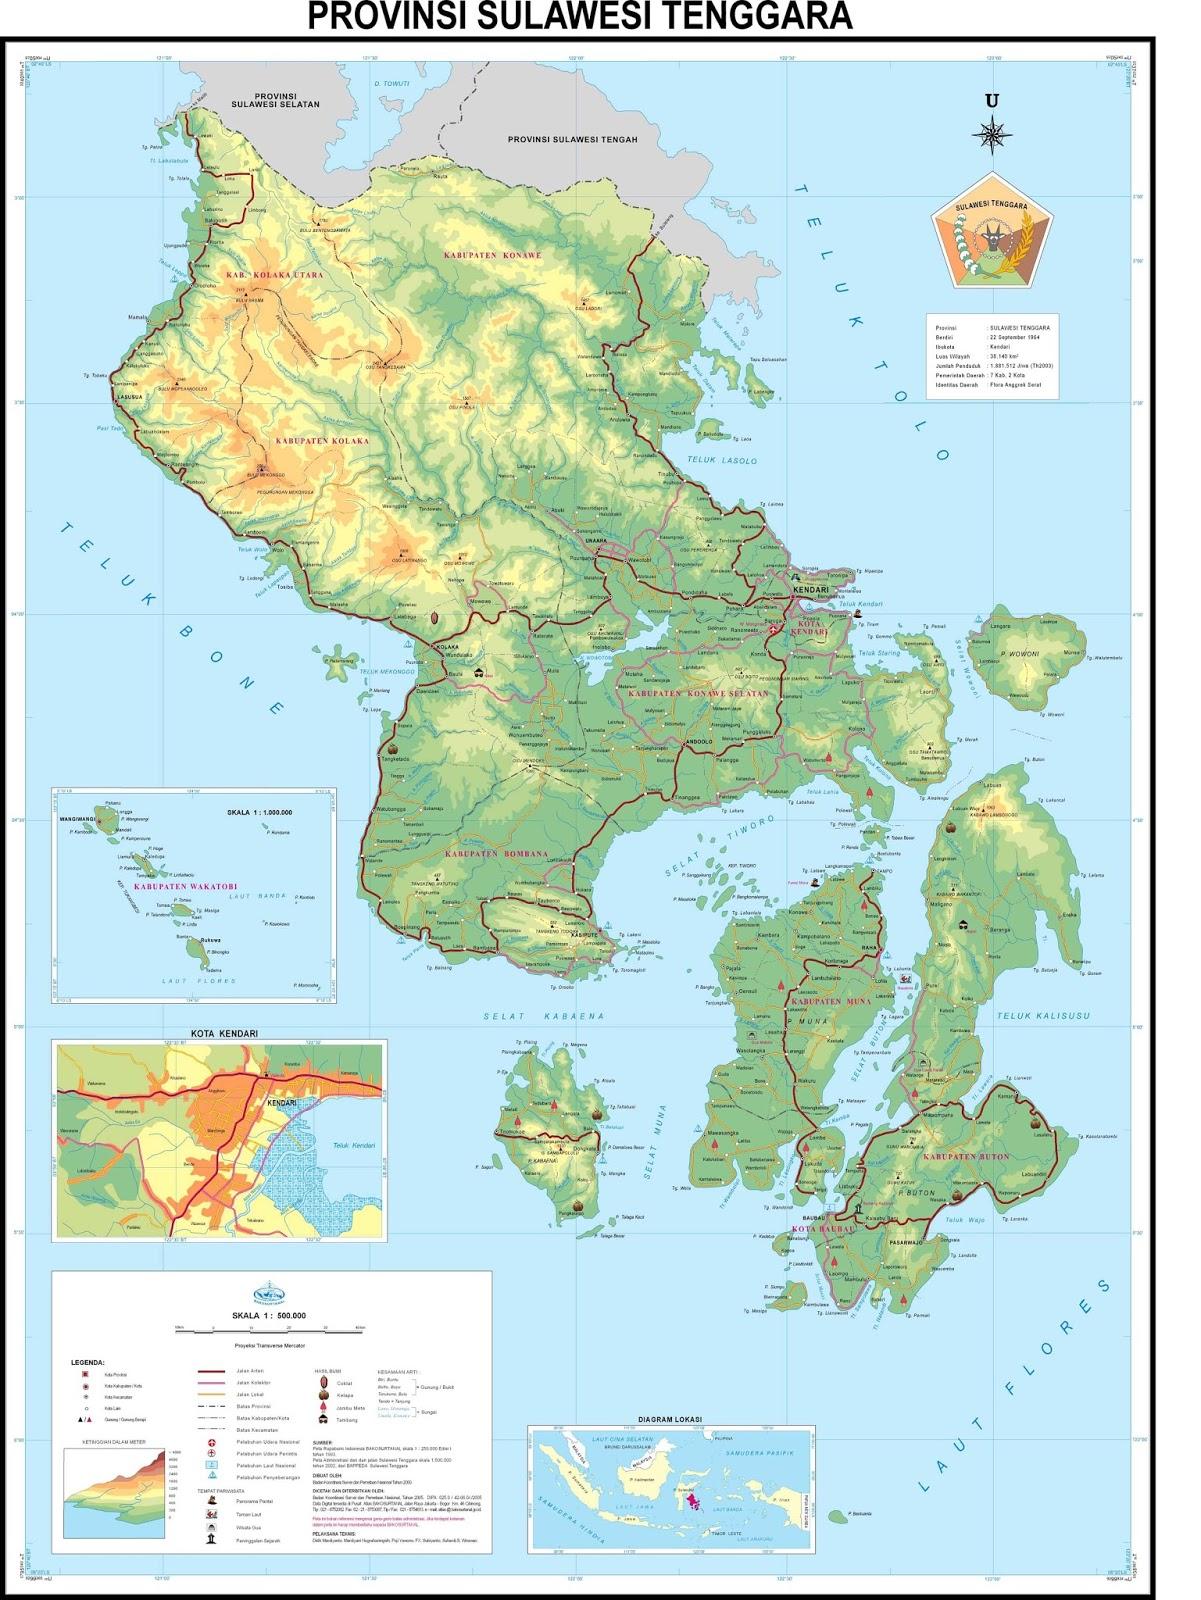 Makalah Tentang Evaluasi Lahan Kumpulan Makalah Tentang Perencanaan Kota Slideshare Peta Administrasi 34 Propinsi Di Indonesia Catatan Kuliah Geografi